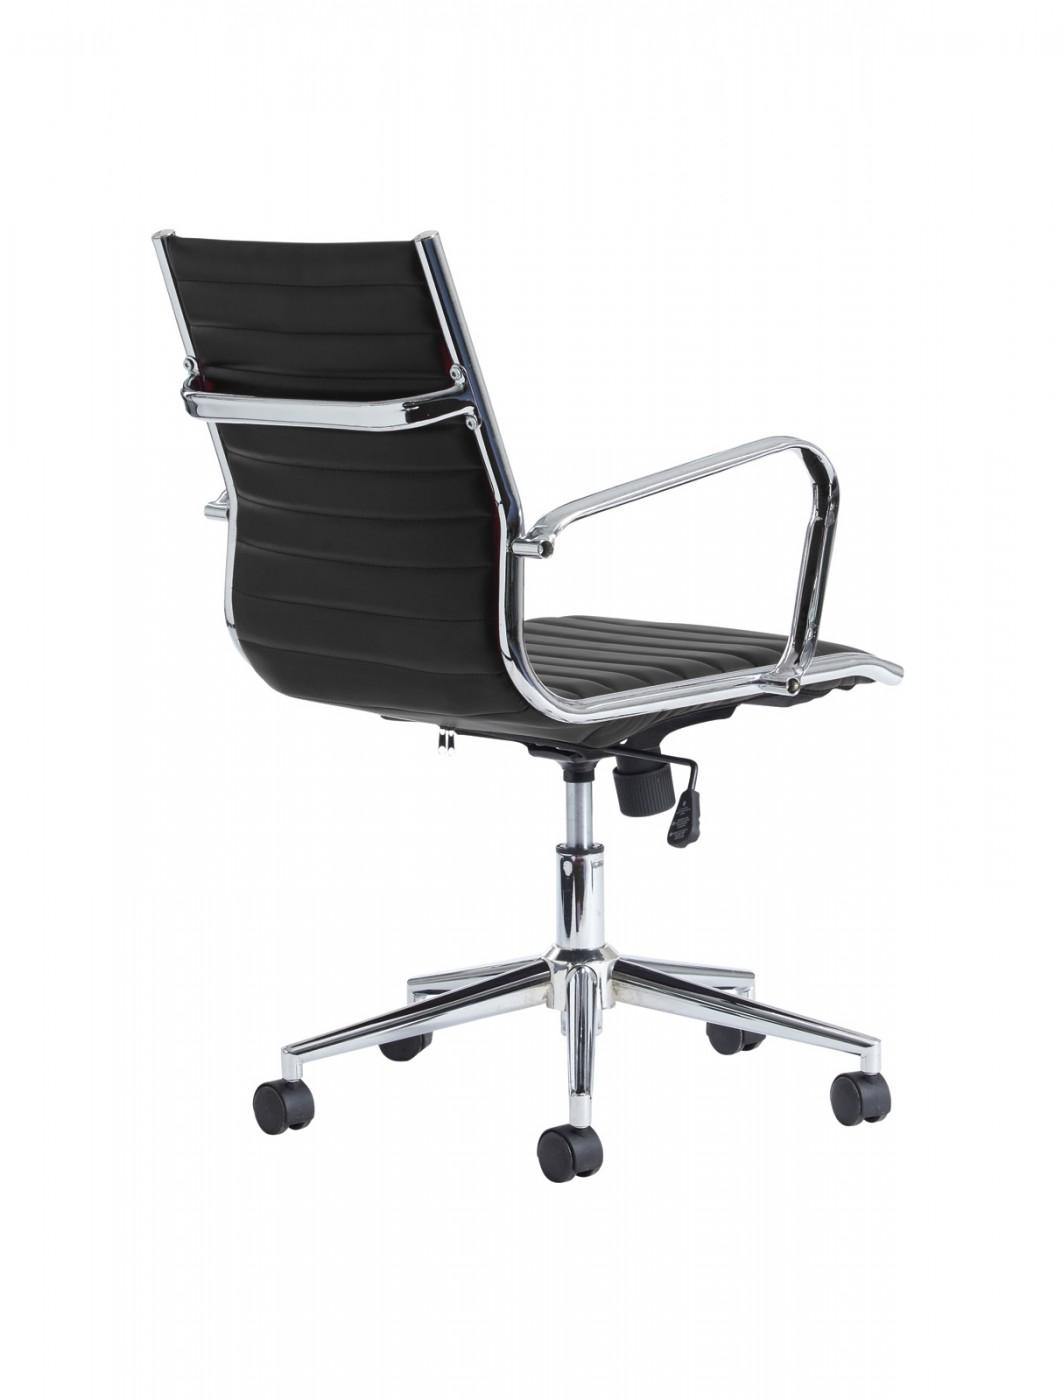 Dams Bari Medium Back Executive Chair BARI200T1 121